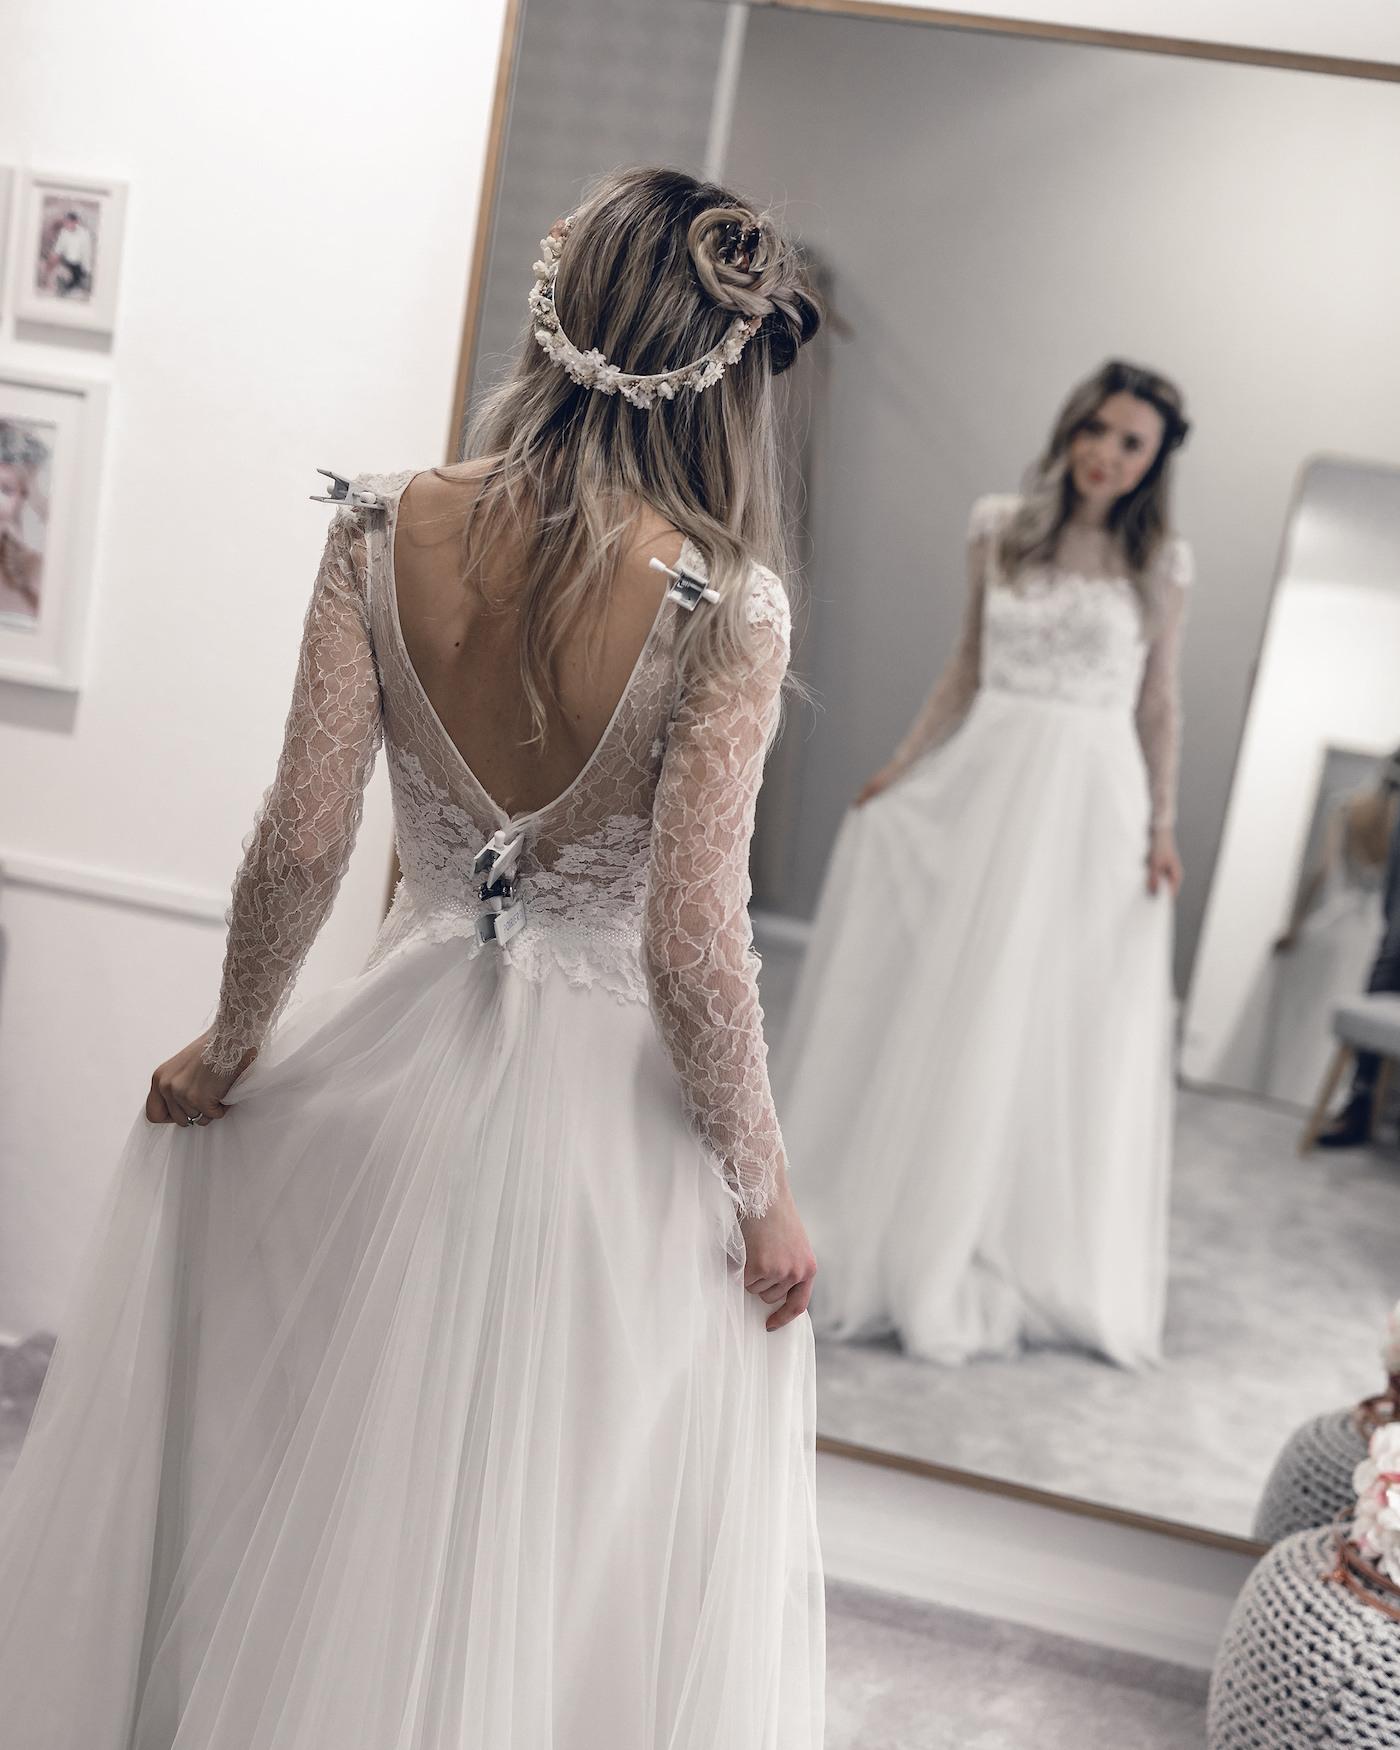 Designer Schön Brautkleid Hochzeitskleid für 201910 Kreativ Brautkleid Hochzeitskleid Boutique